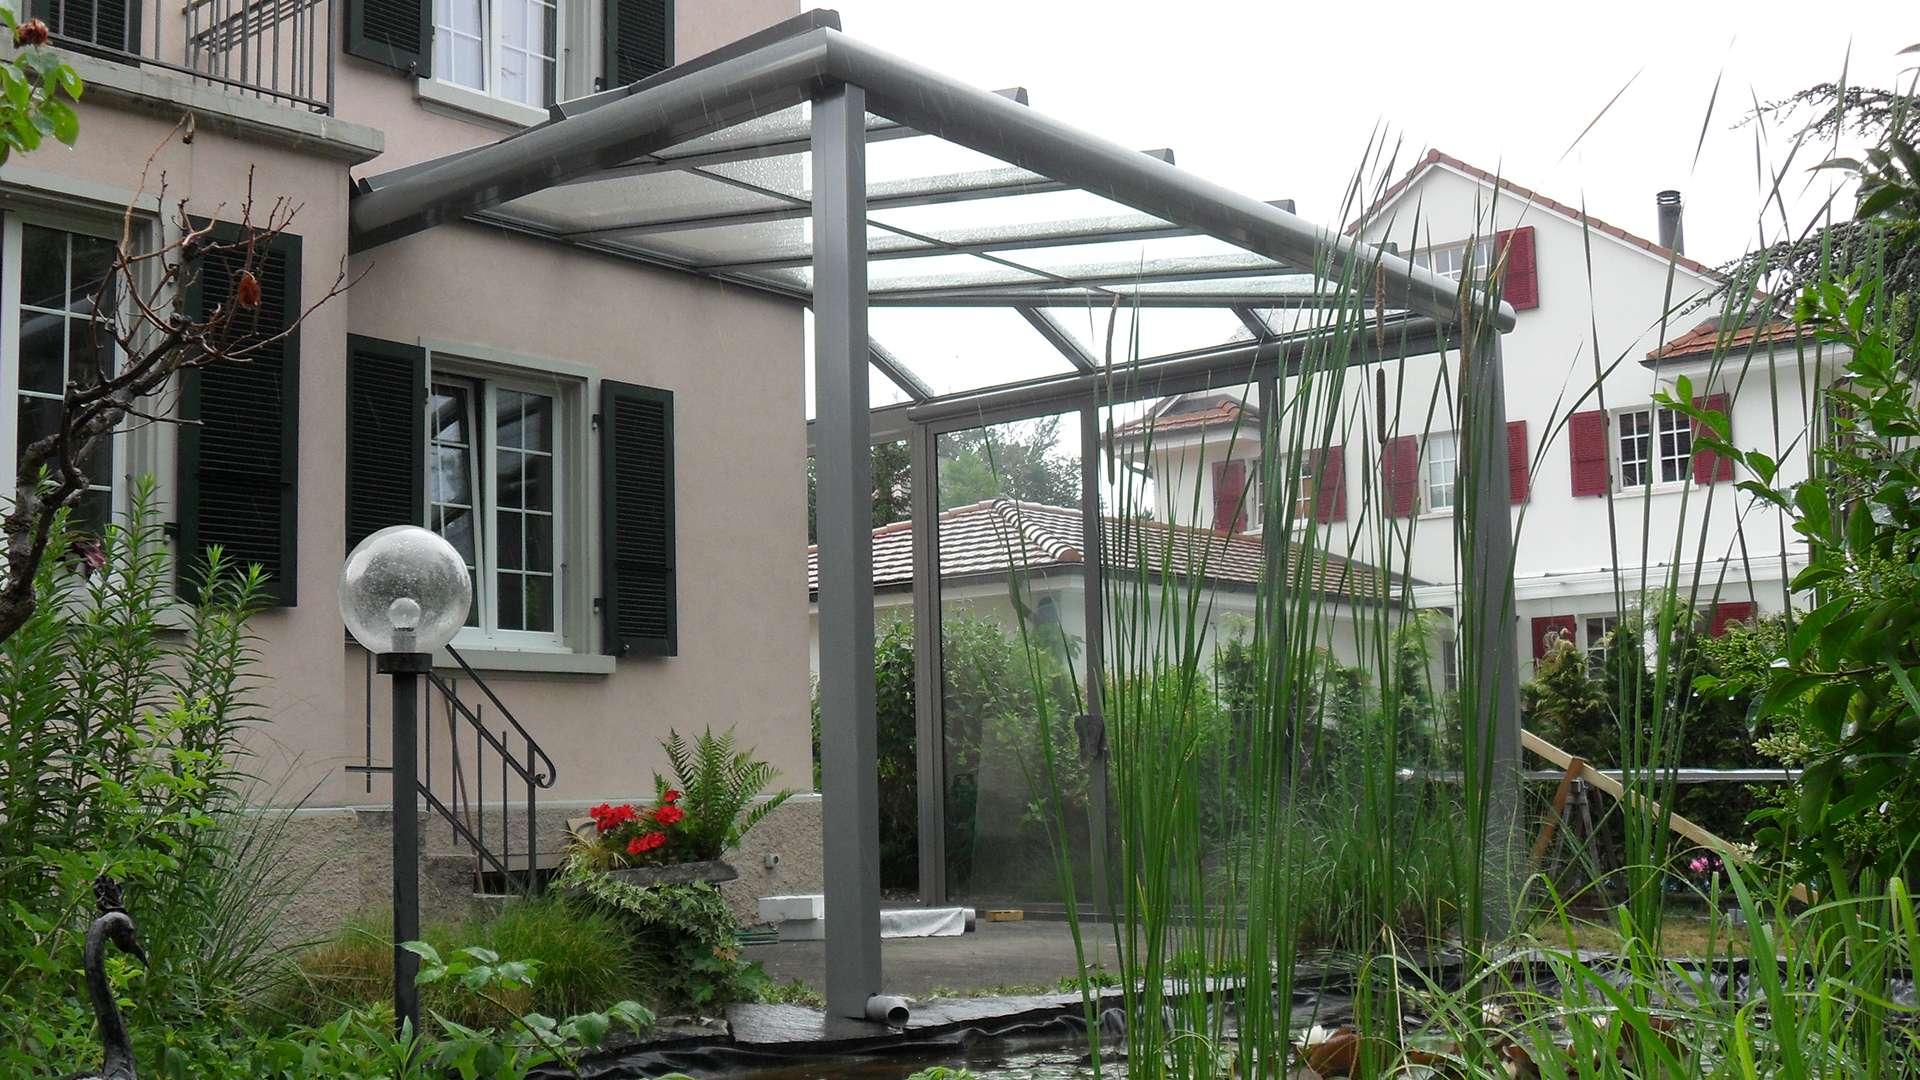 Terrassendach an einen Wohnhaus mit vielen Pflanzen im Garten